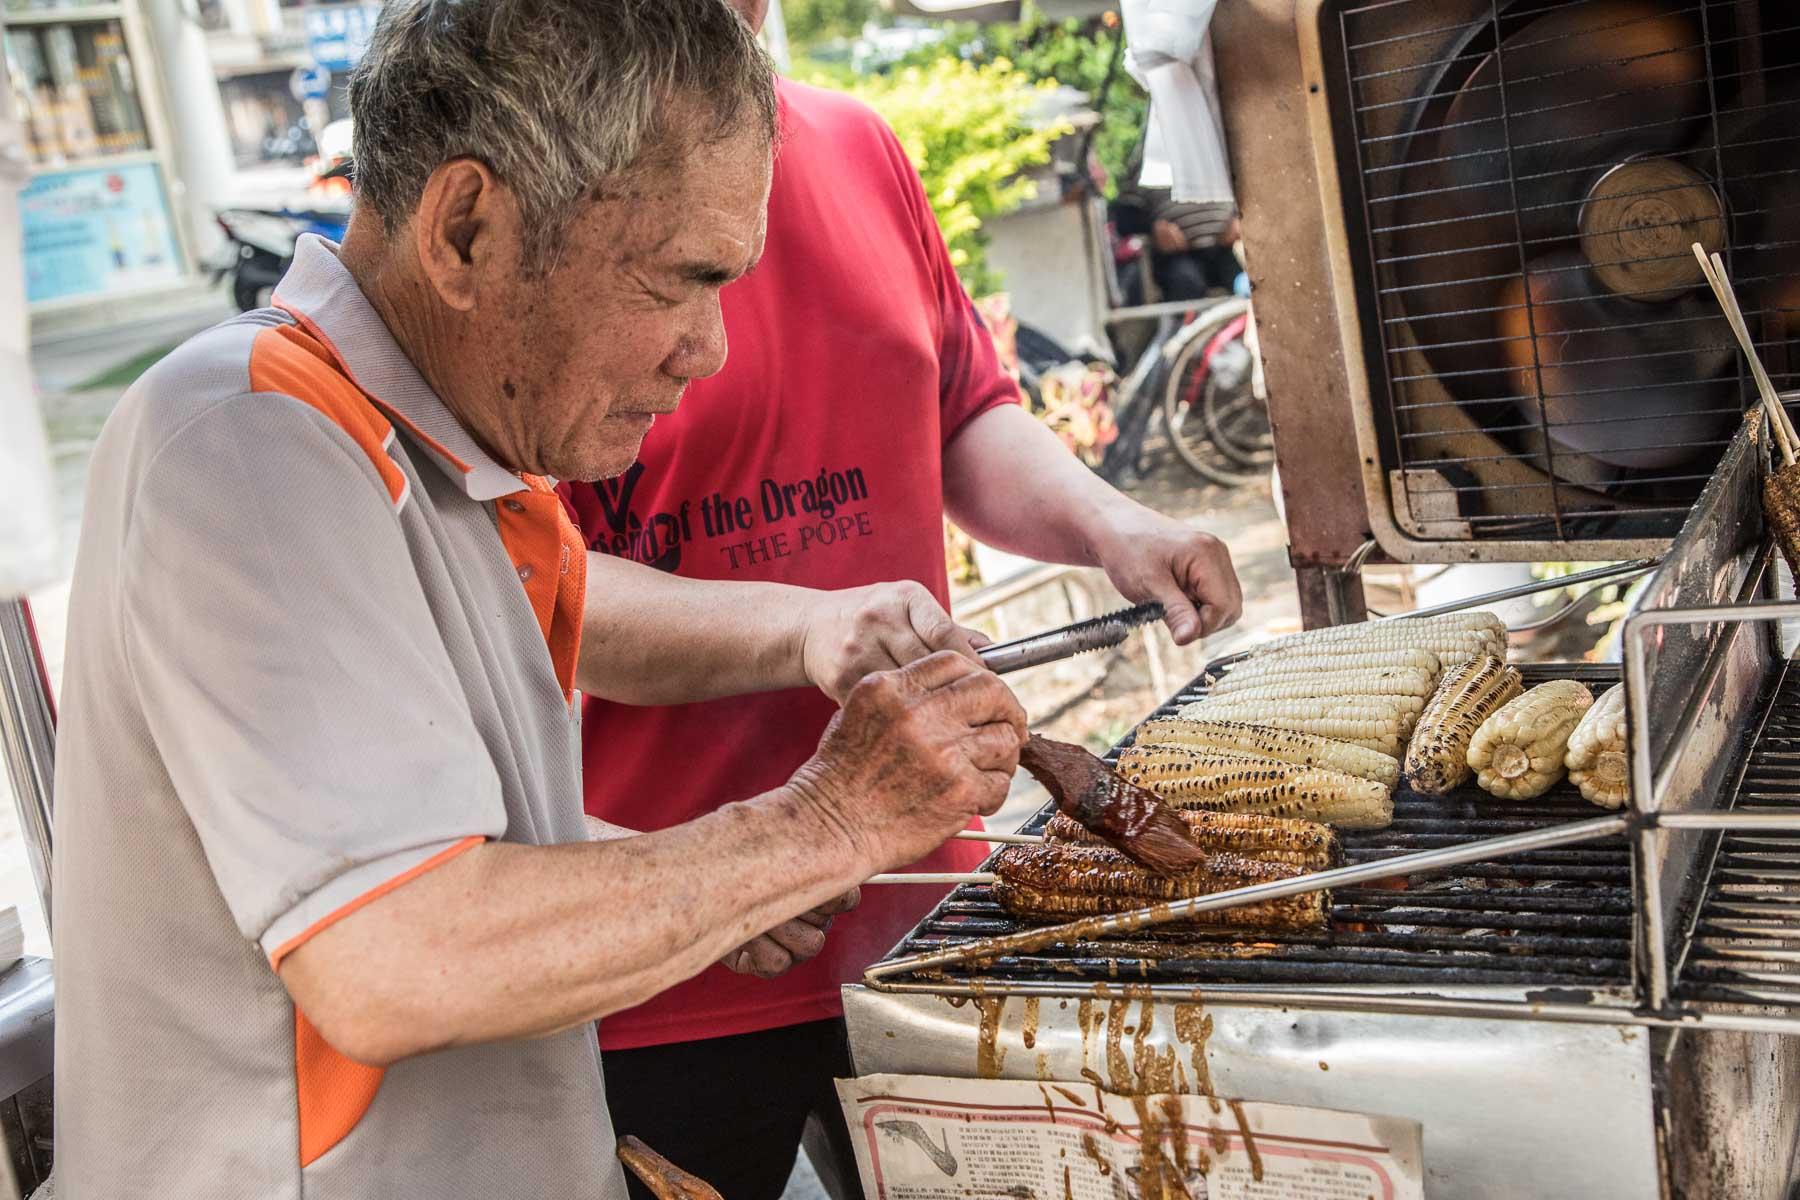 嘉義美食》嘉義新榮路阿伯烤玉米,堅持直火碳烤的古早味烤玉米!